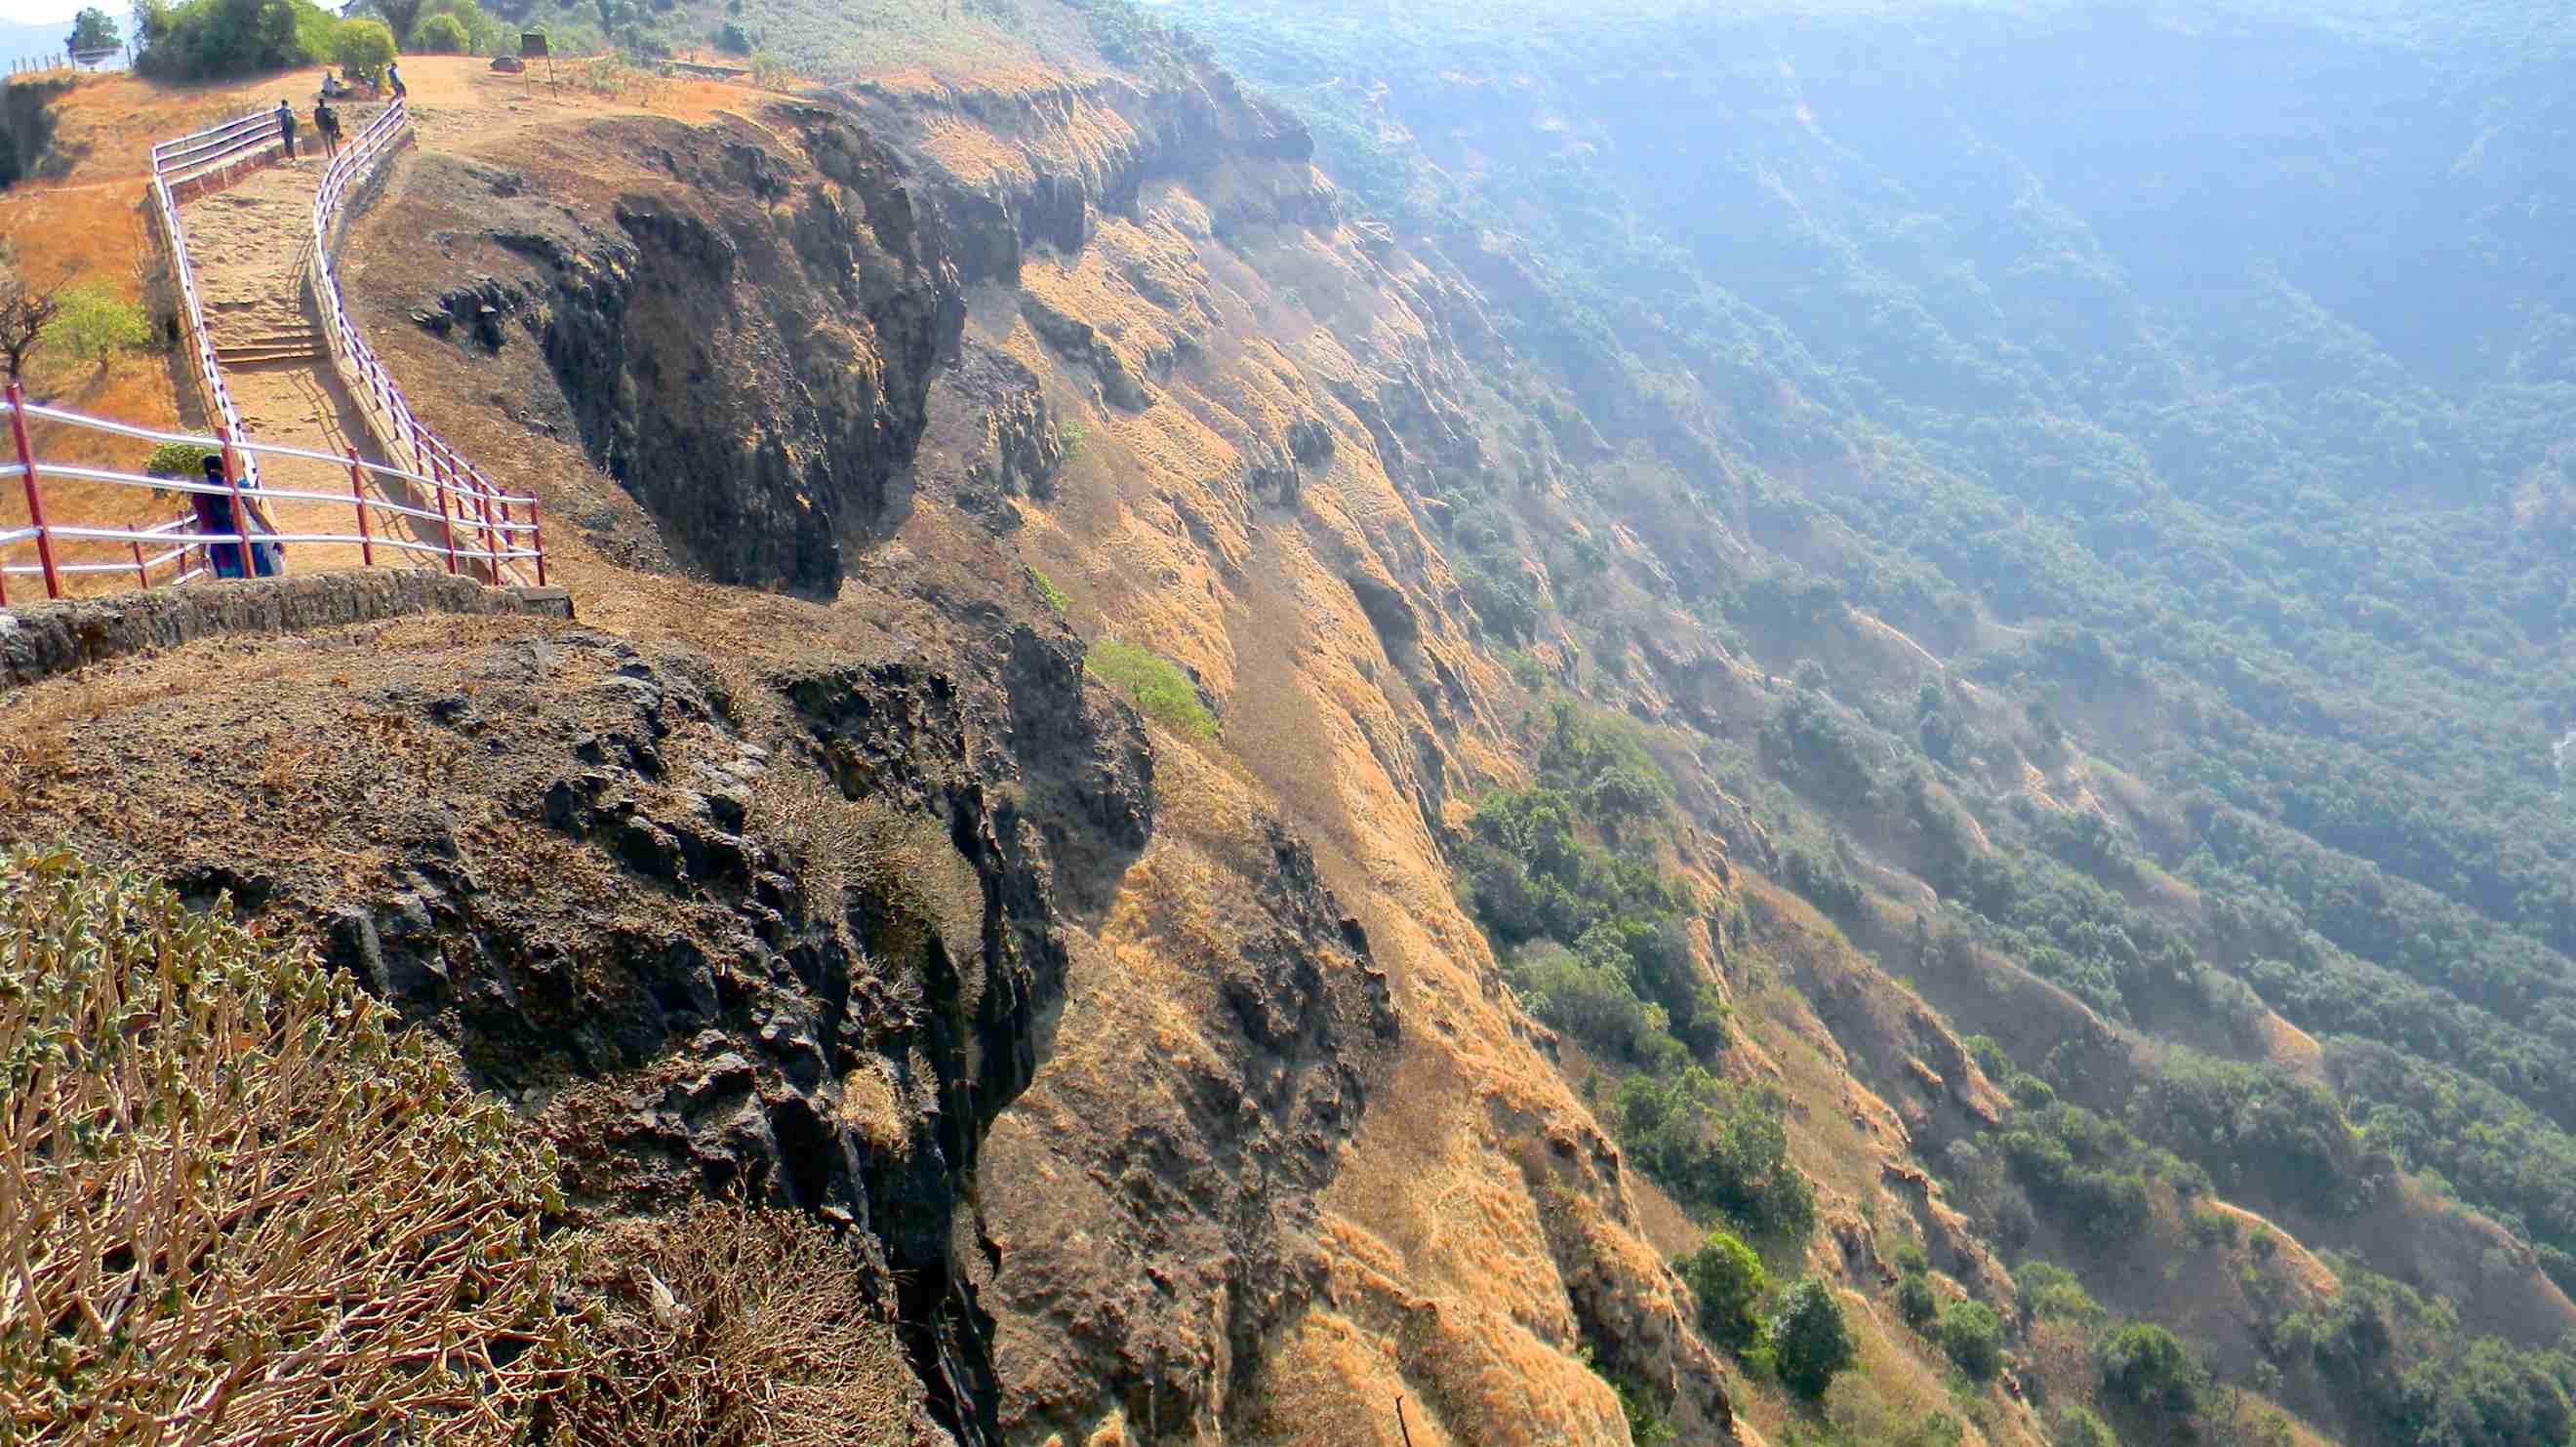 Mahabaleshwar Sightseeing Tour